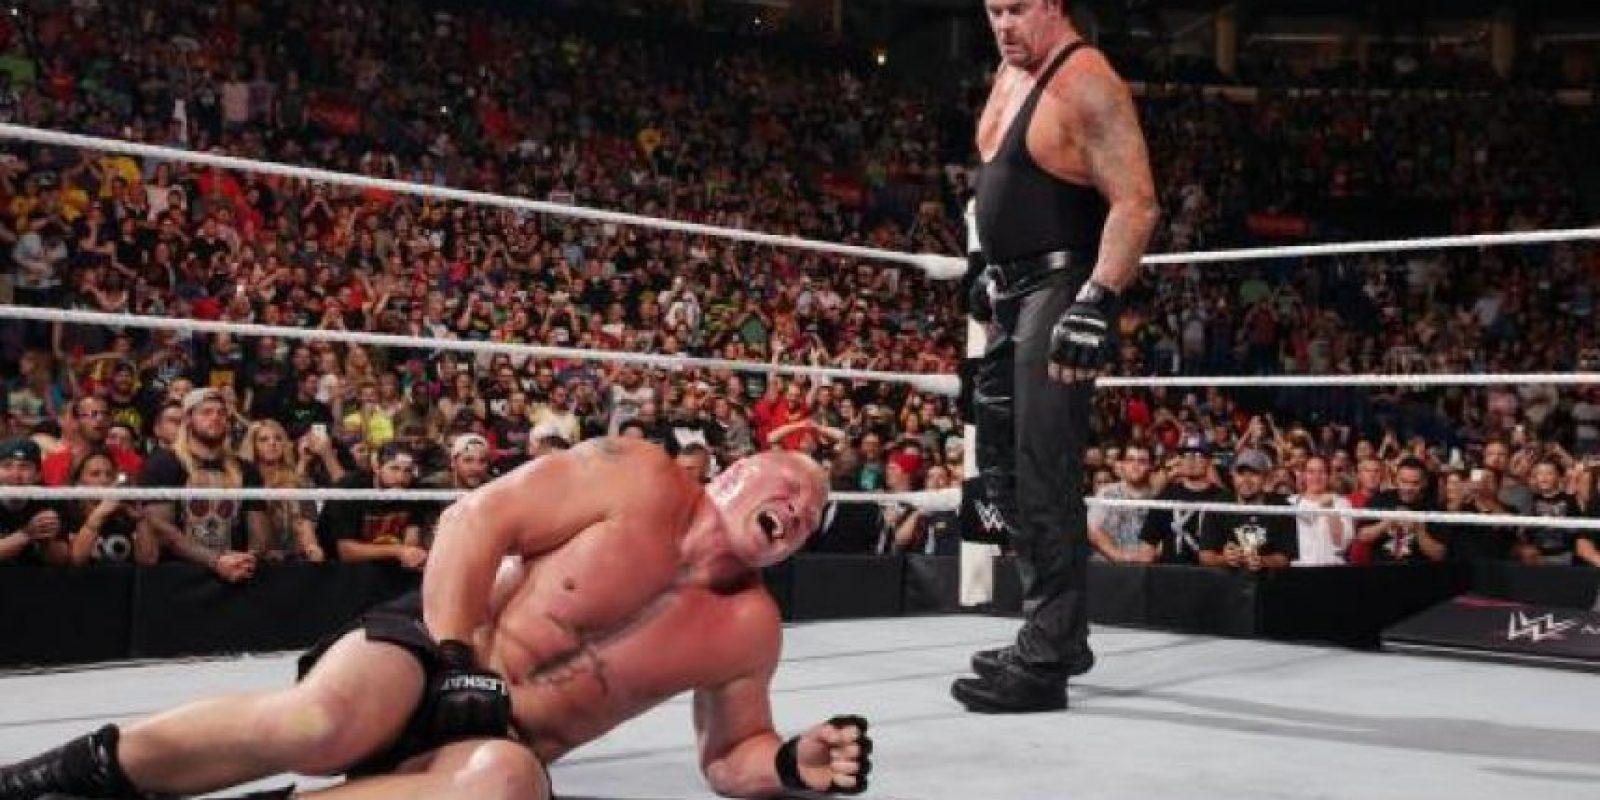 Volverían a pelear en SummerSlam, del próximo 23 de agosto Foto:WWE